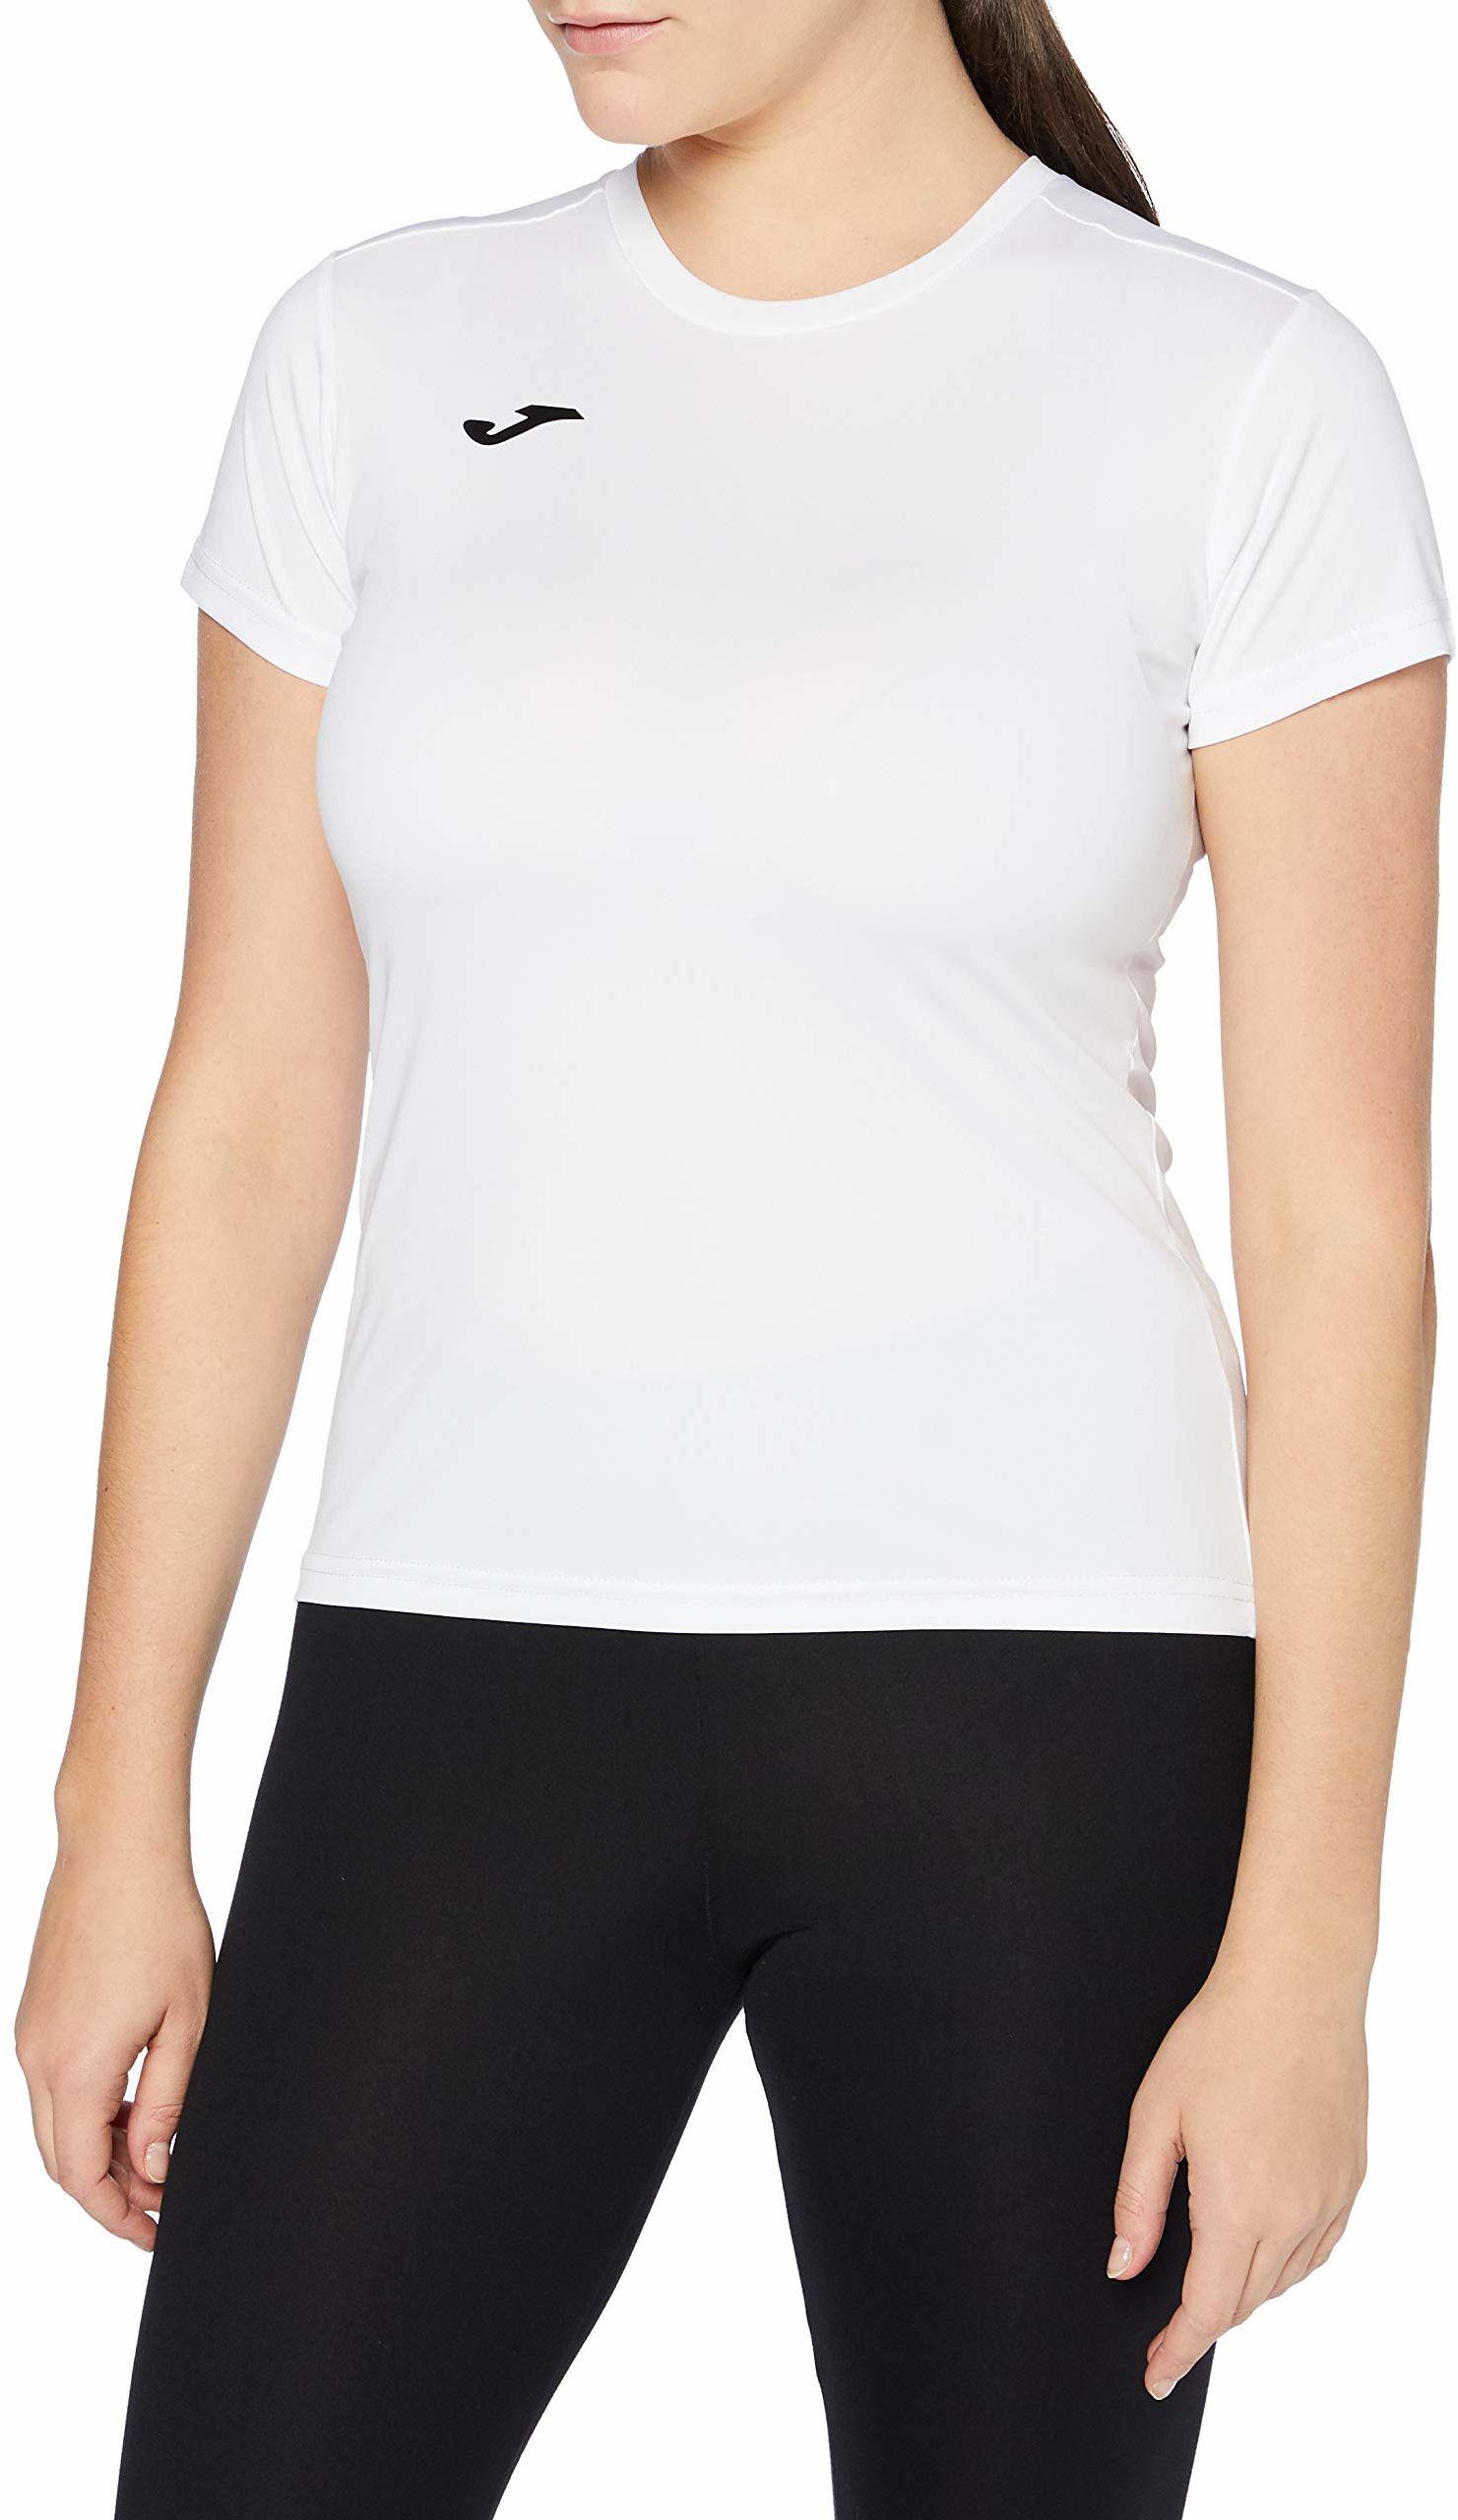 Joma damskie 900248.200 Joma 900248.200 damskie t-shirty - białe/białe, średnie Biały/biały M